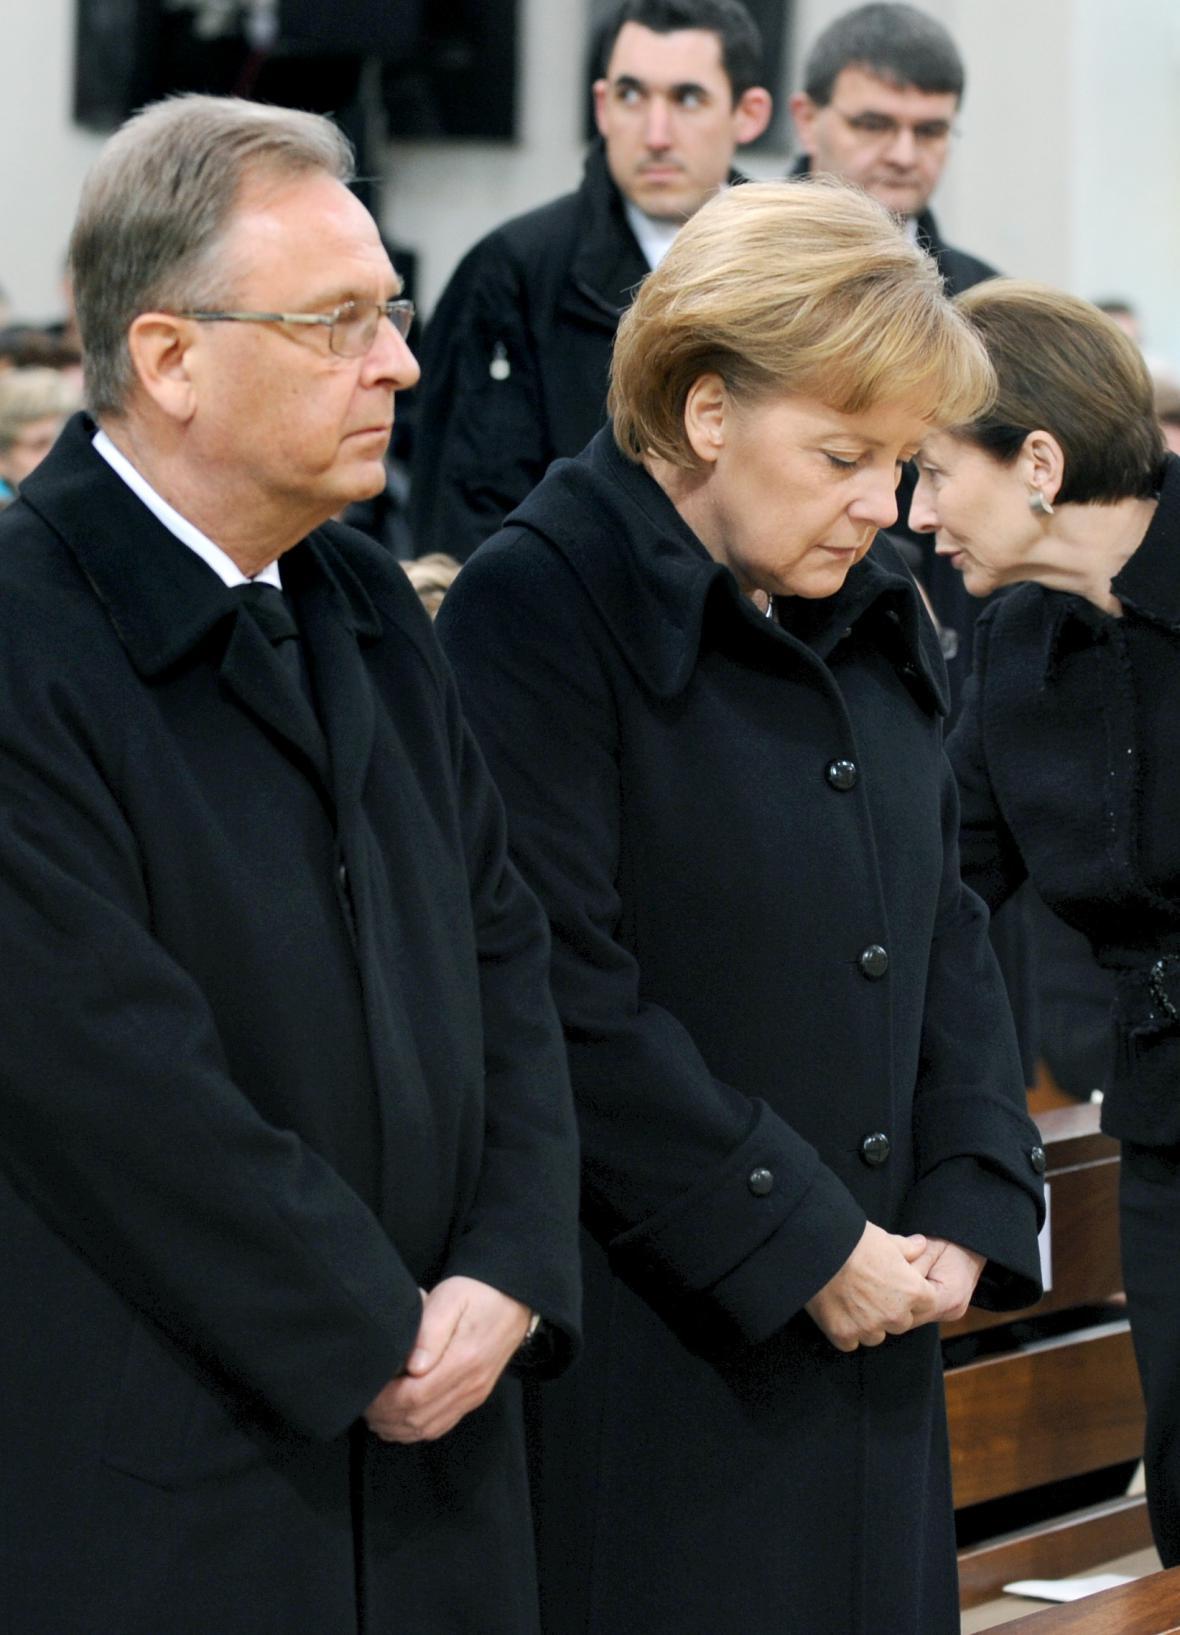 Horst Köhler a Angela Merkelová při smutečním obřadu